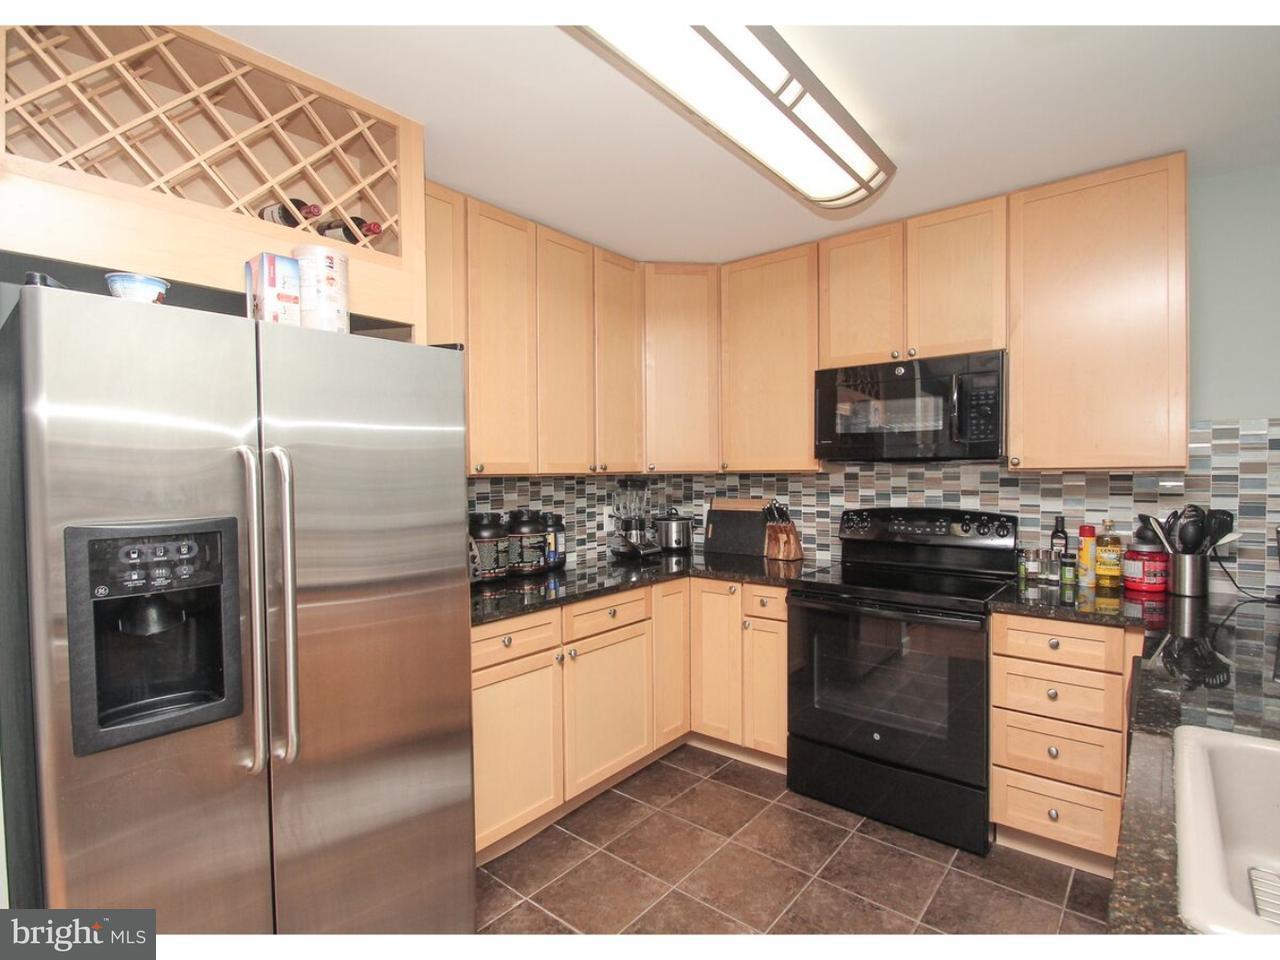 Appartement en copropriété pour l Vente à 111 S 15TH ST #1712 Philadelphia, Pennsylvanie 19102 États-Unis